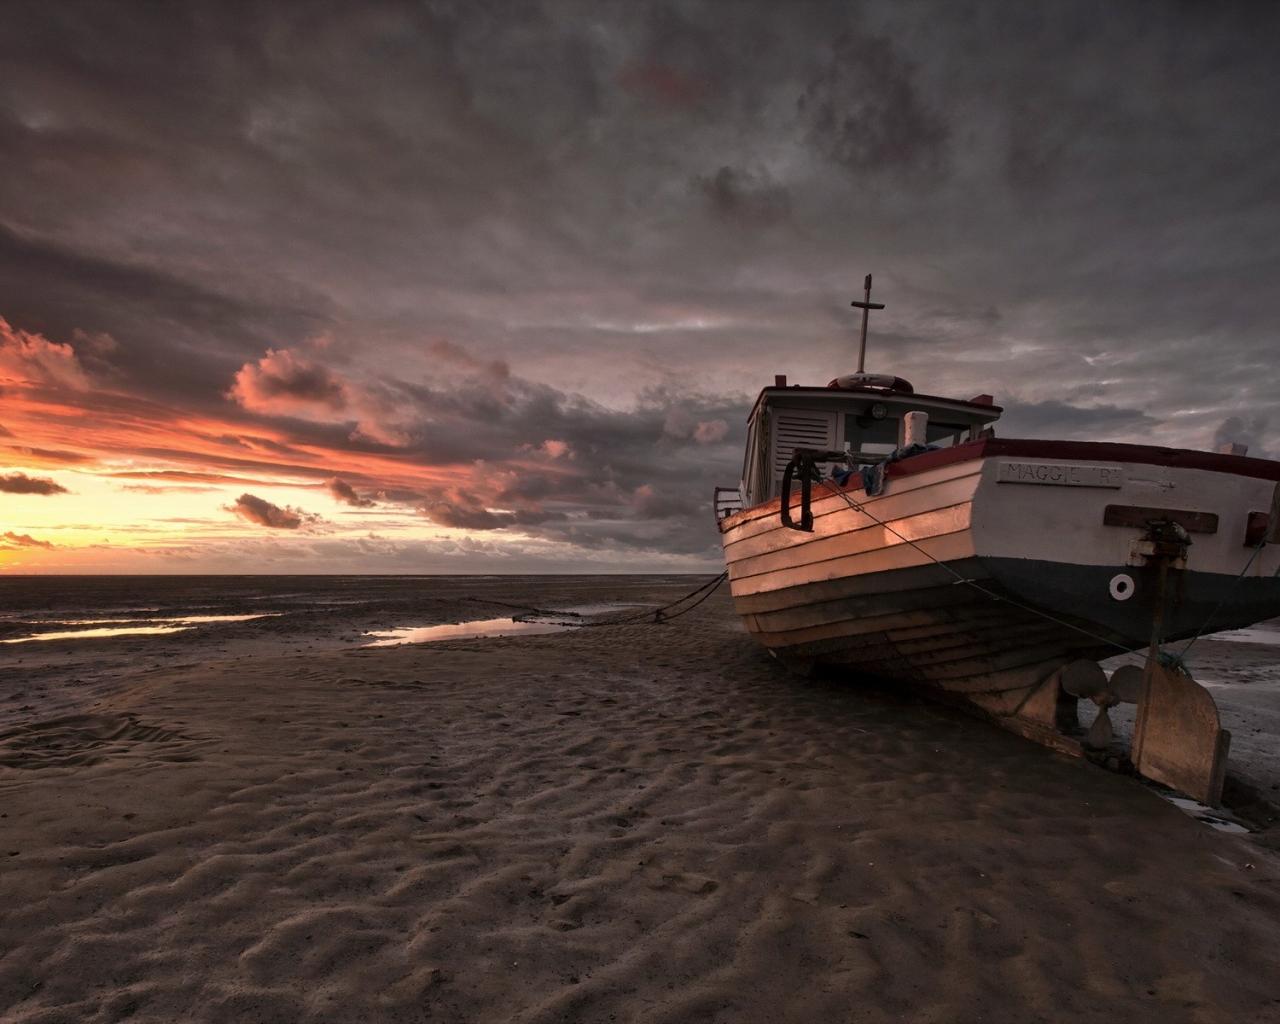 Un bote en la playa - 1280x1024